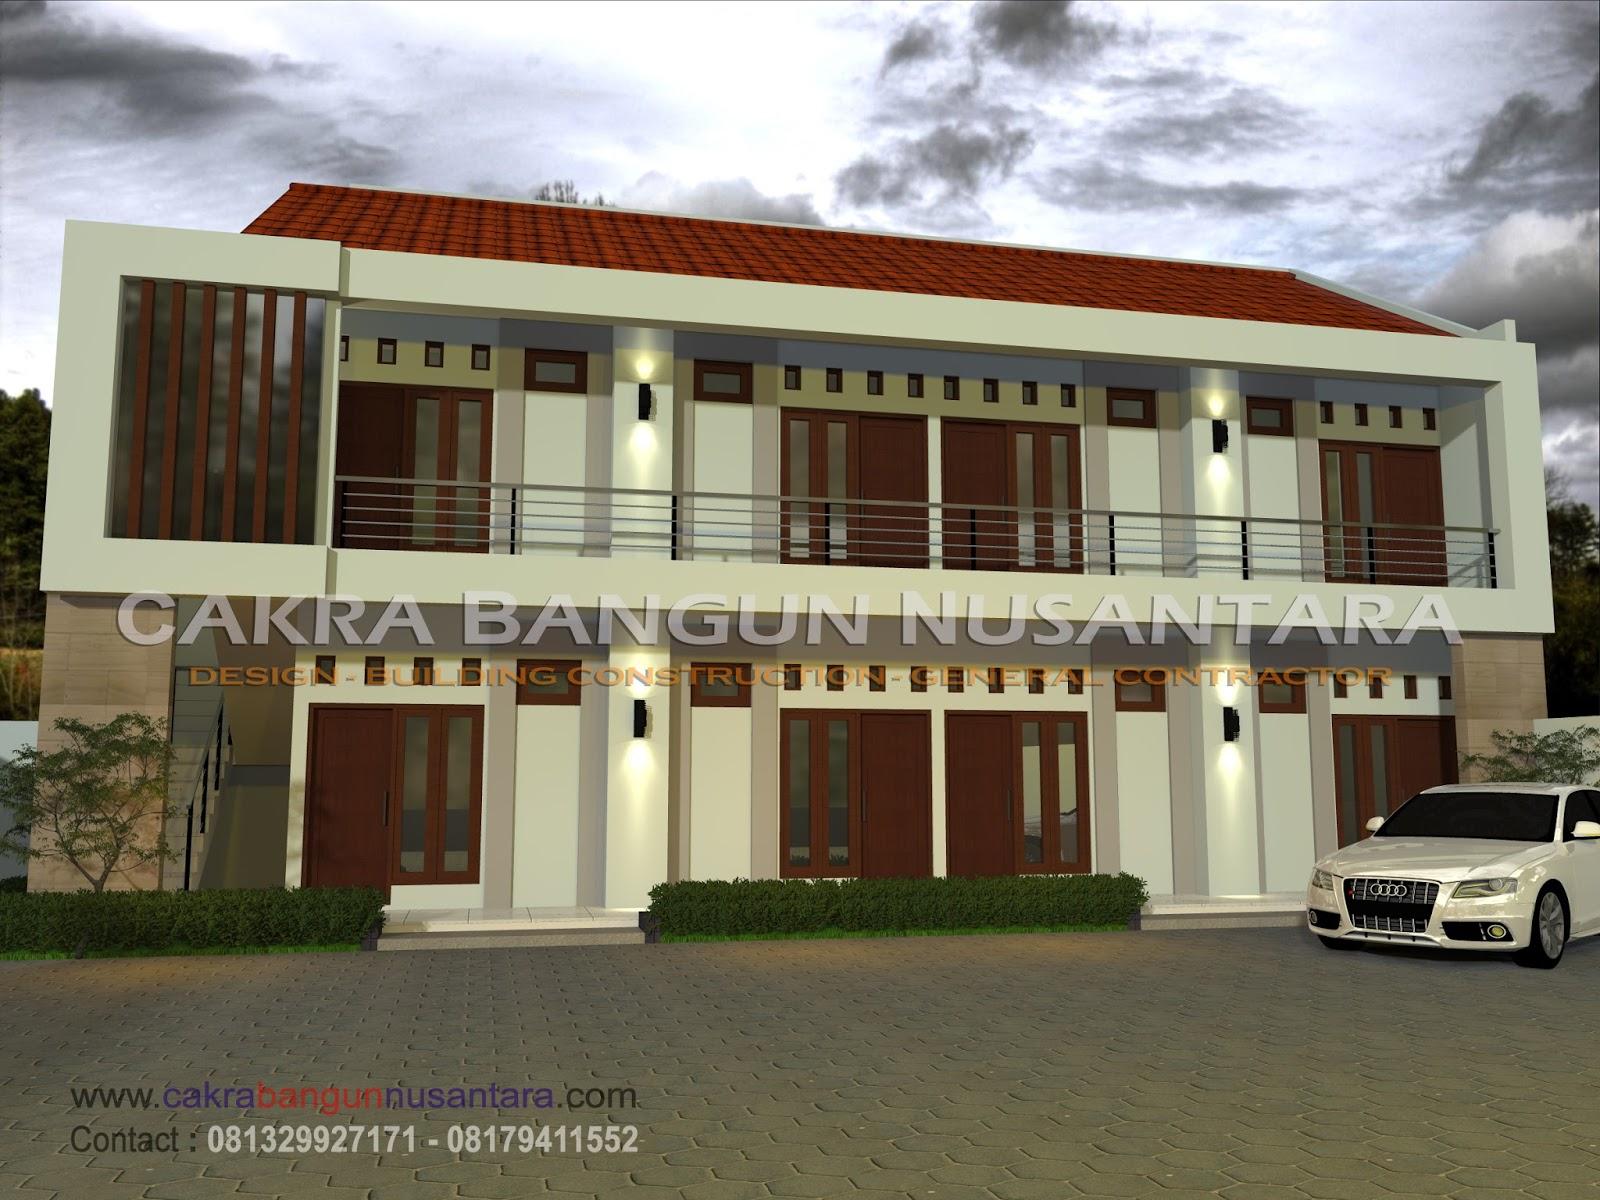 Rumah Kos 2 Lantai. Label: Desain Rumah Kos & Bangun Rumah Yogyakarta Bersama Cakra Bangun Nusantara Arsitek ...